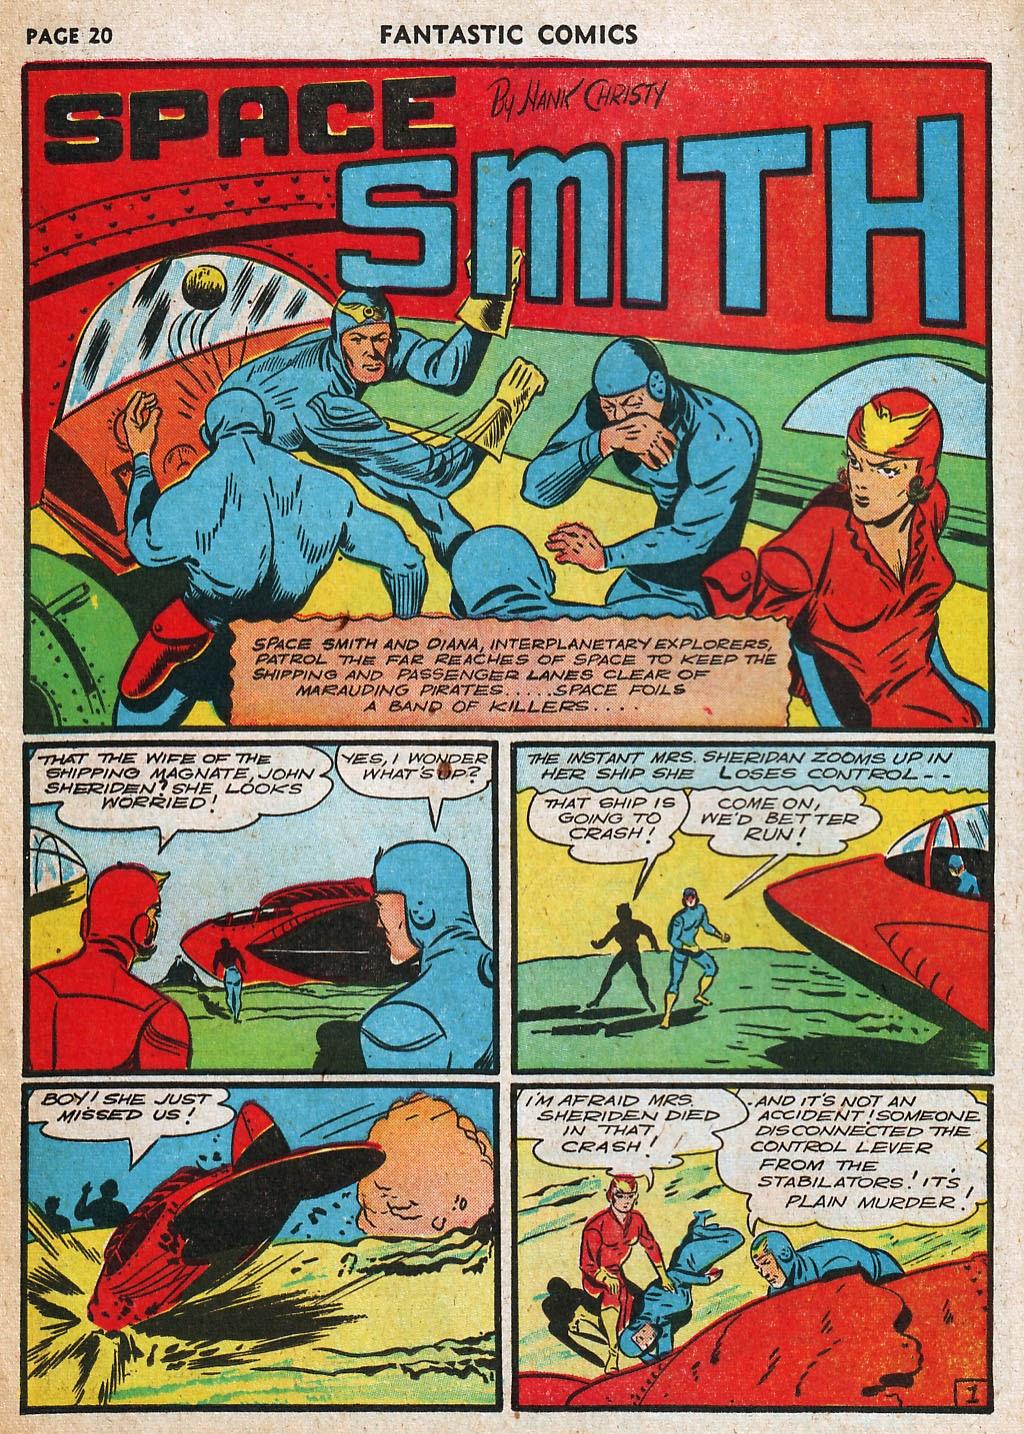 Read online Fantastic Comics comic -  Issue #20 - 21